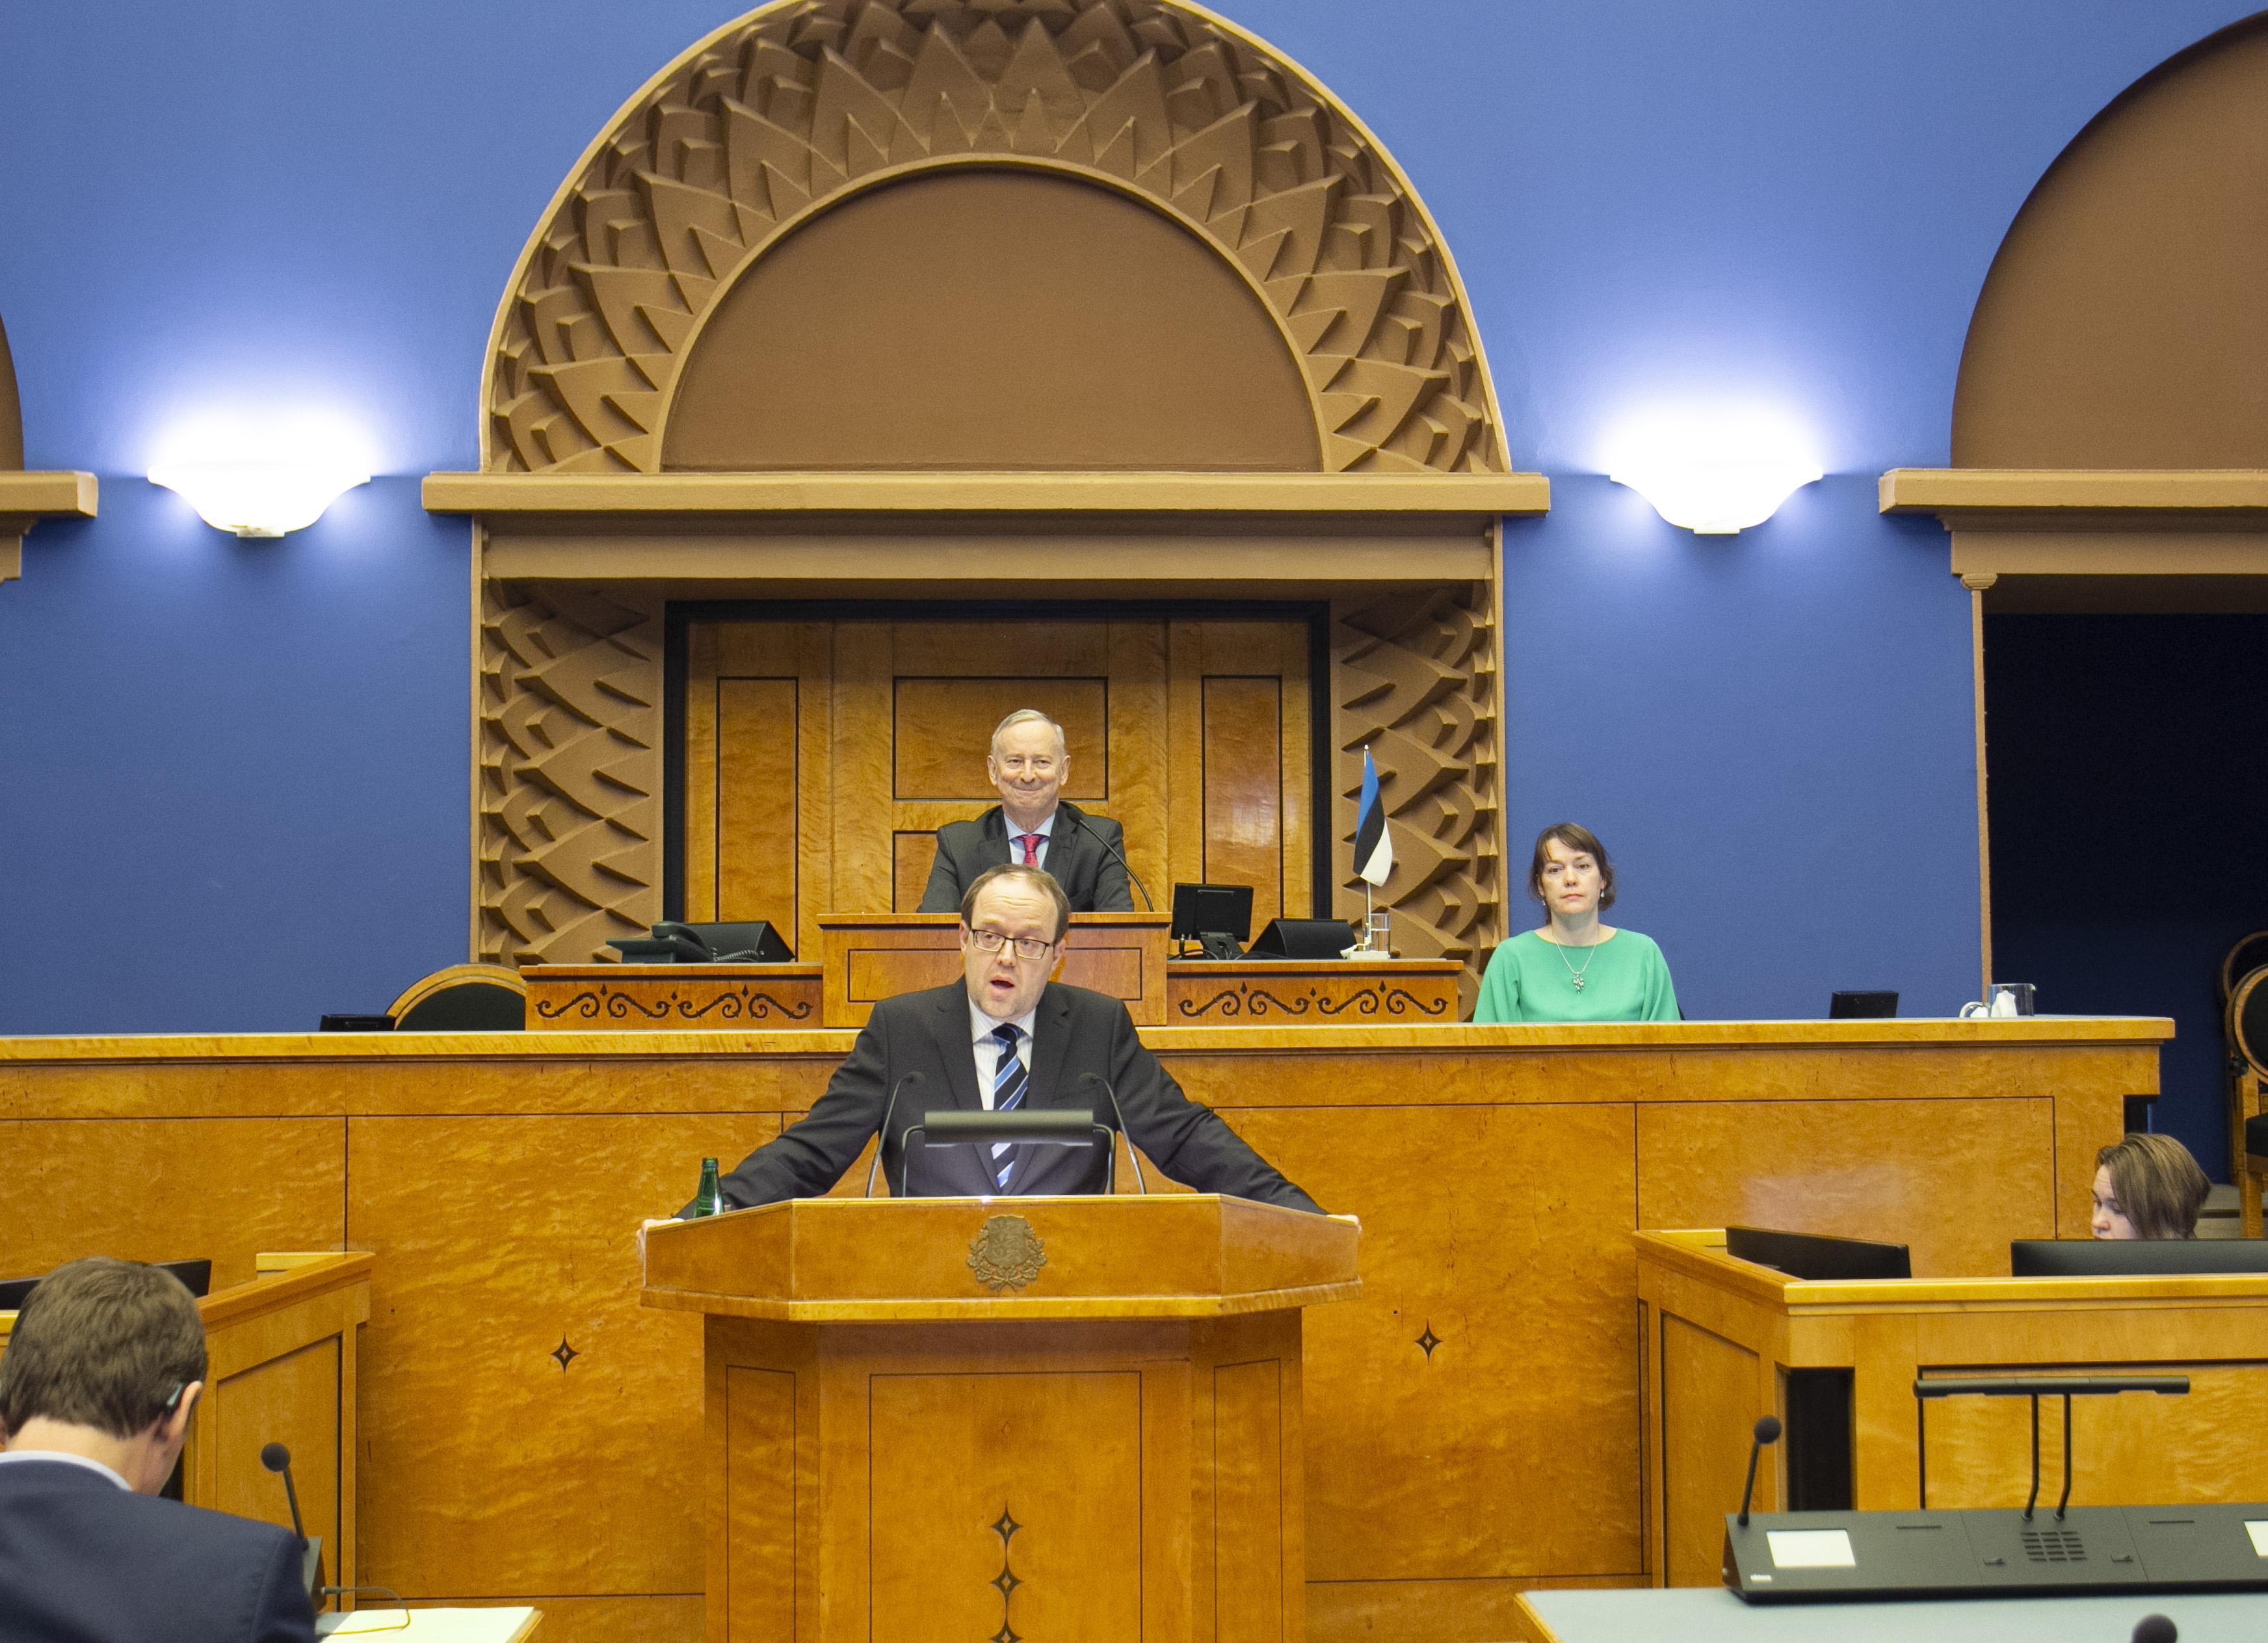 Riigikogu nimetas Juhan Sarve riigikohtunikuks